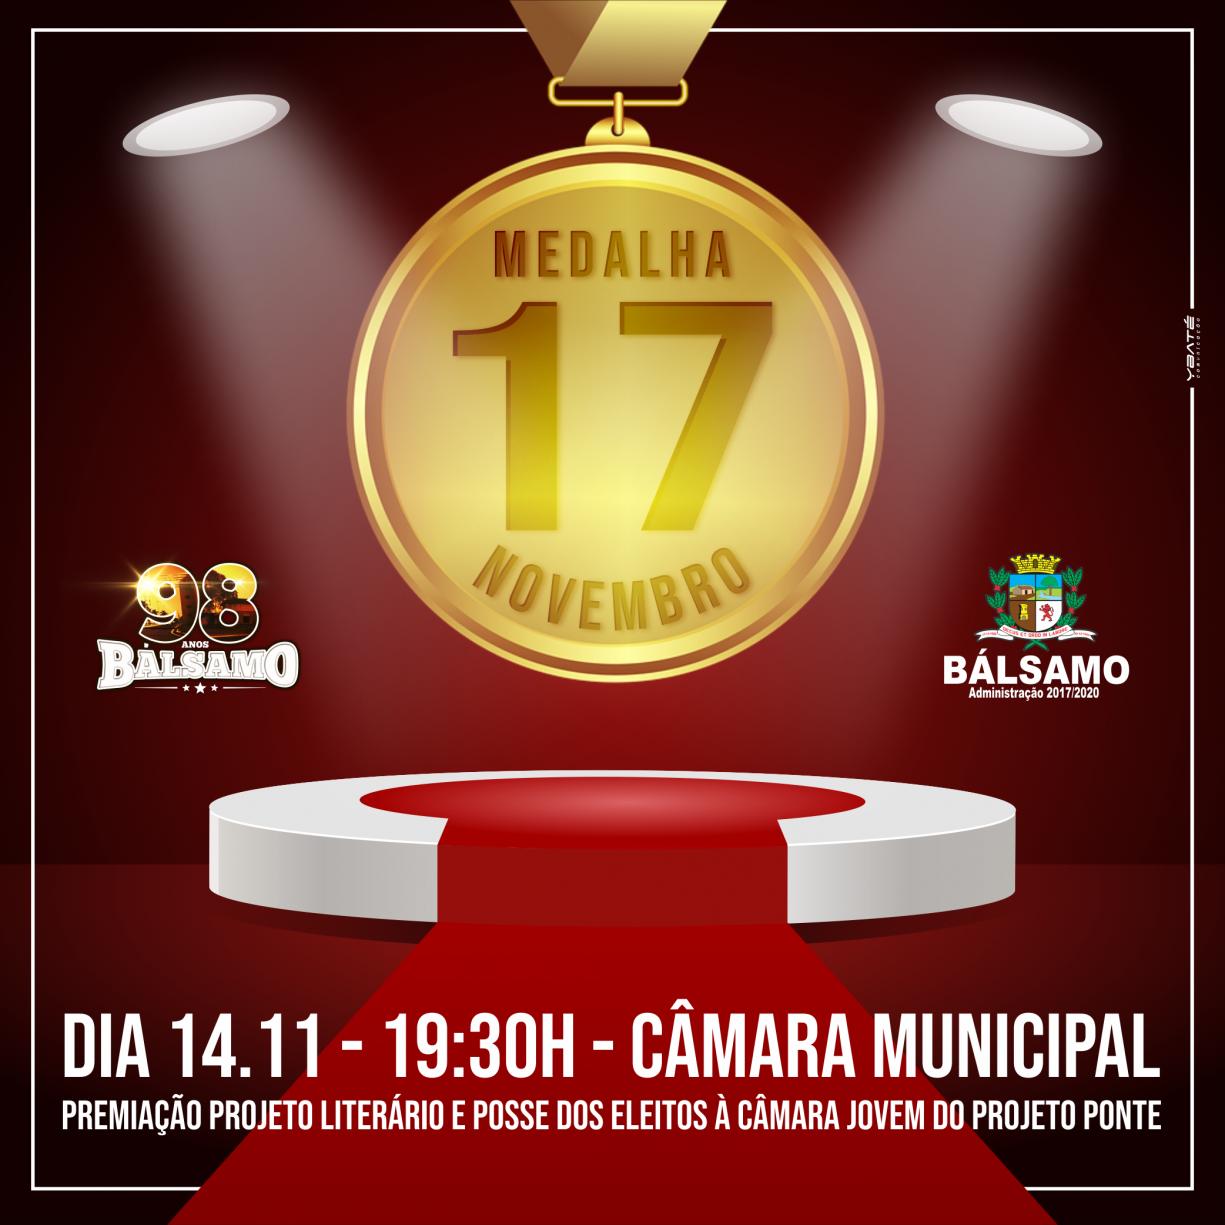 Entrega da Medalha 17 de Novembro, Copa Palmeiras de Futsal e Hasteamento das Bandeiras marcam os 98 anos de Bálsamo.